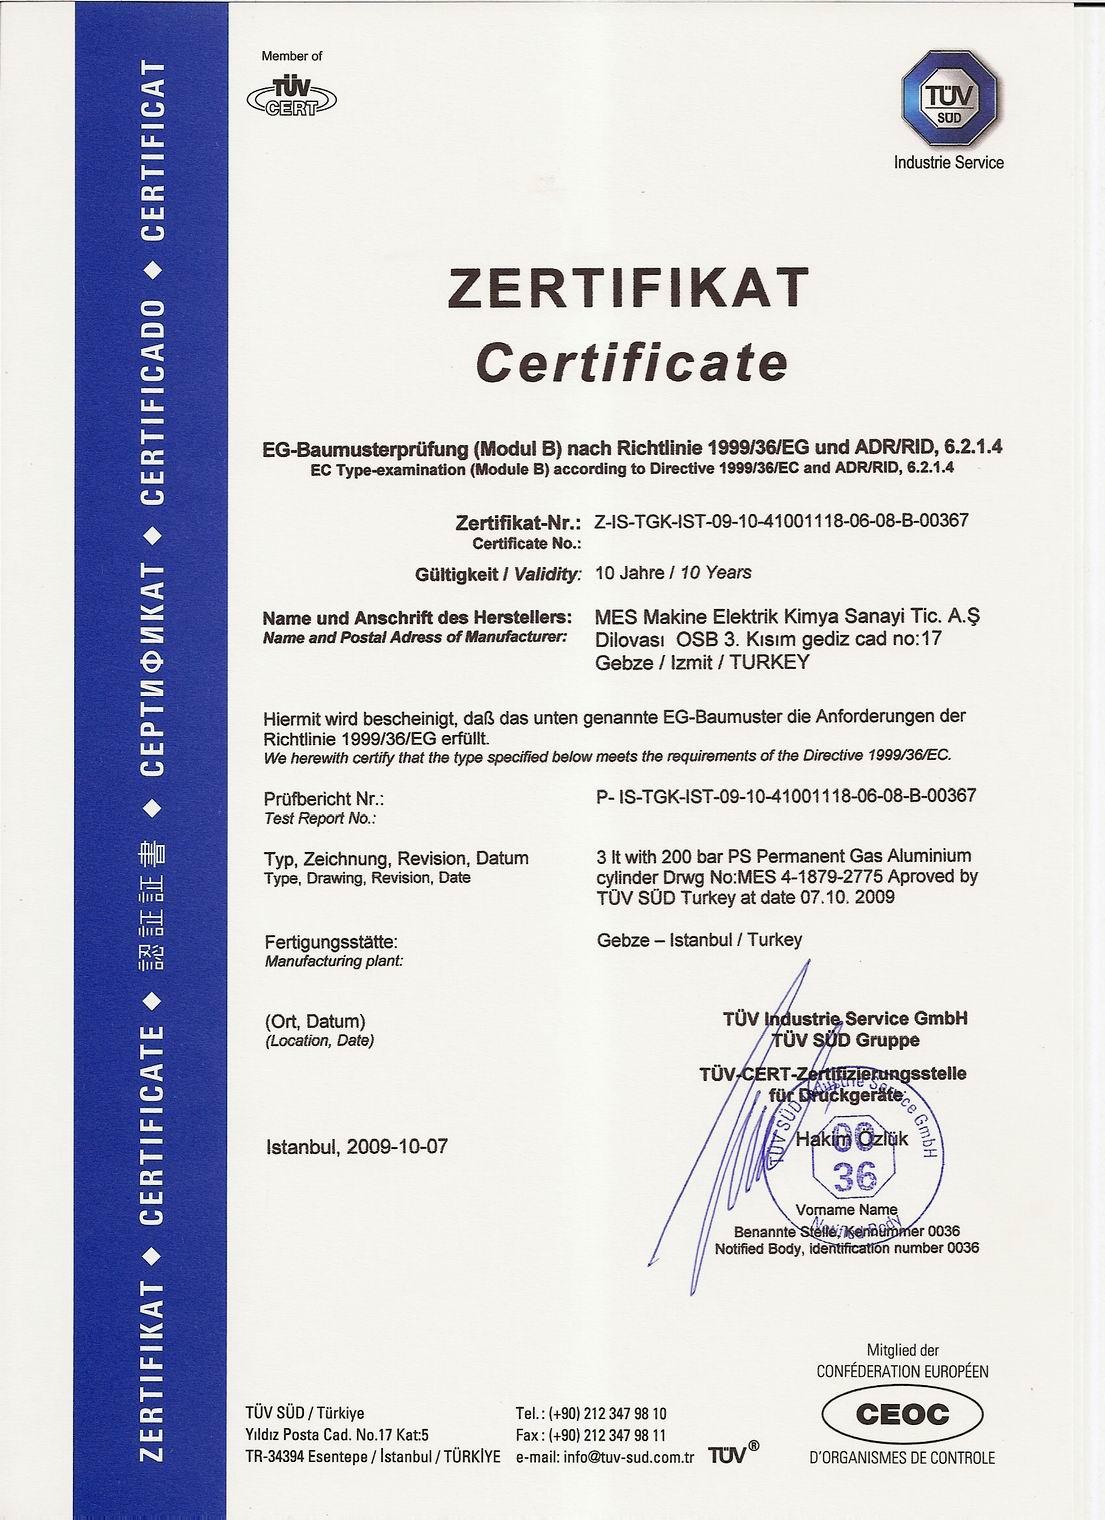 3-lt-Endüstriyel Tüp Sertifikası